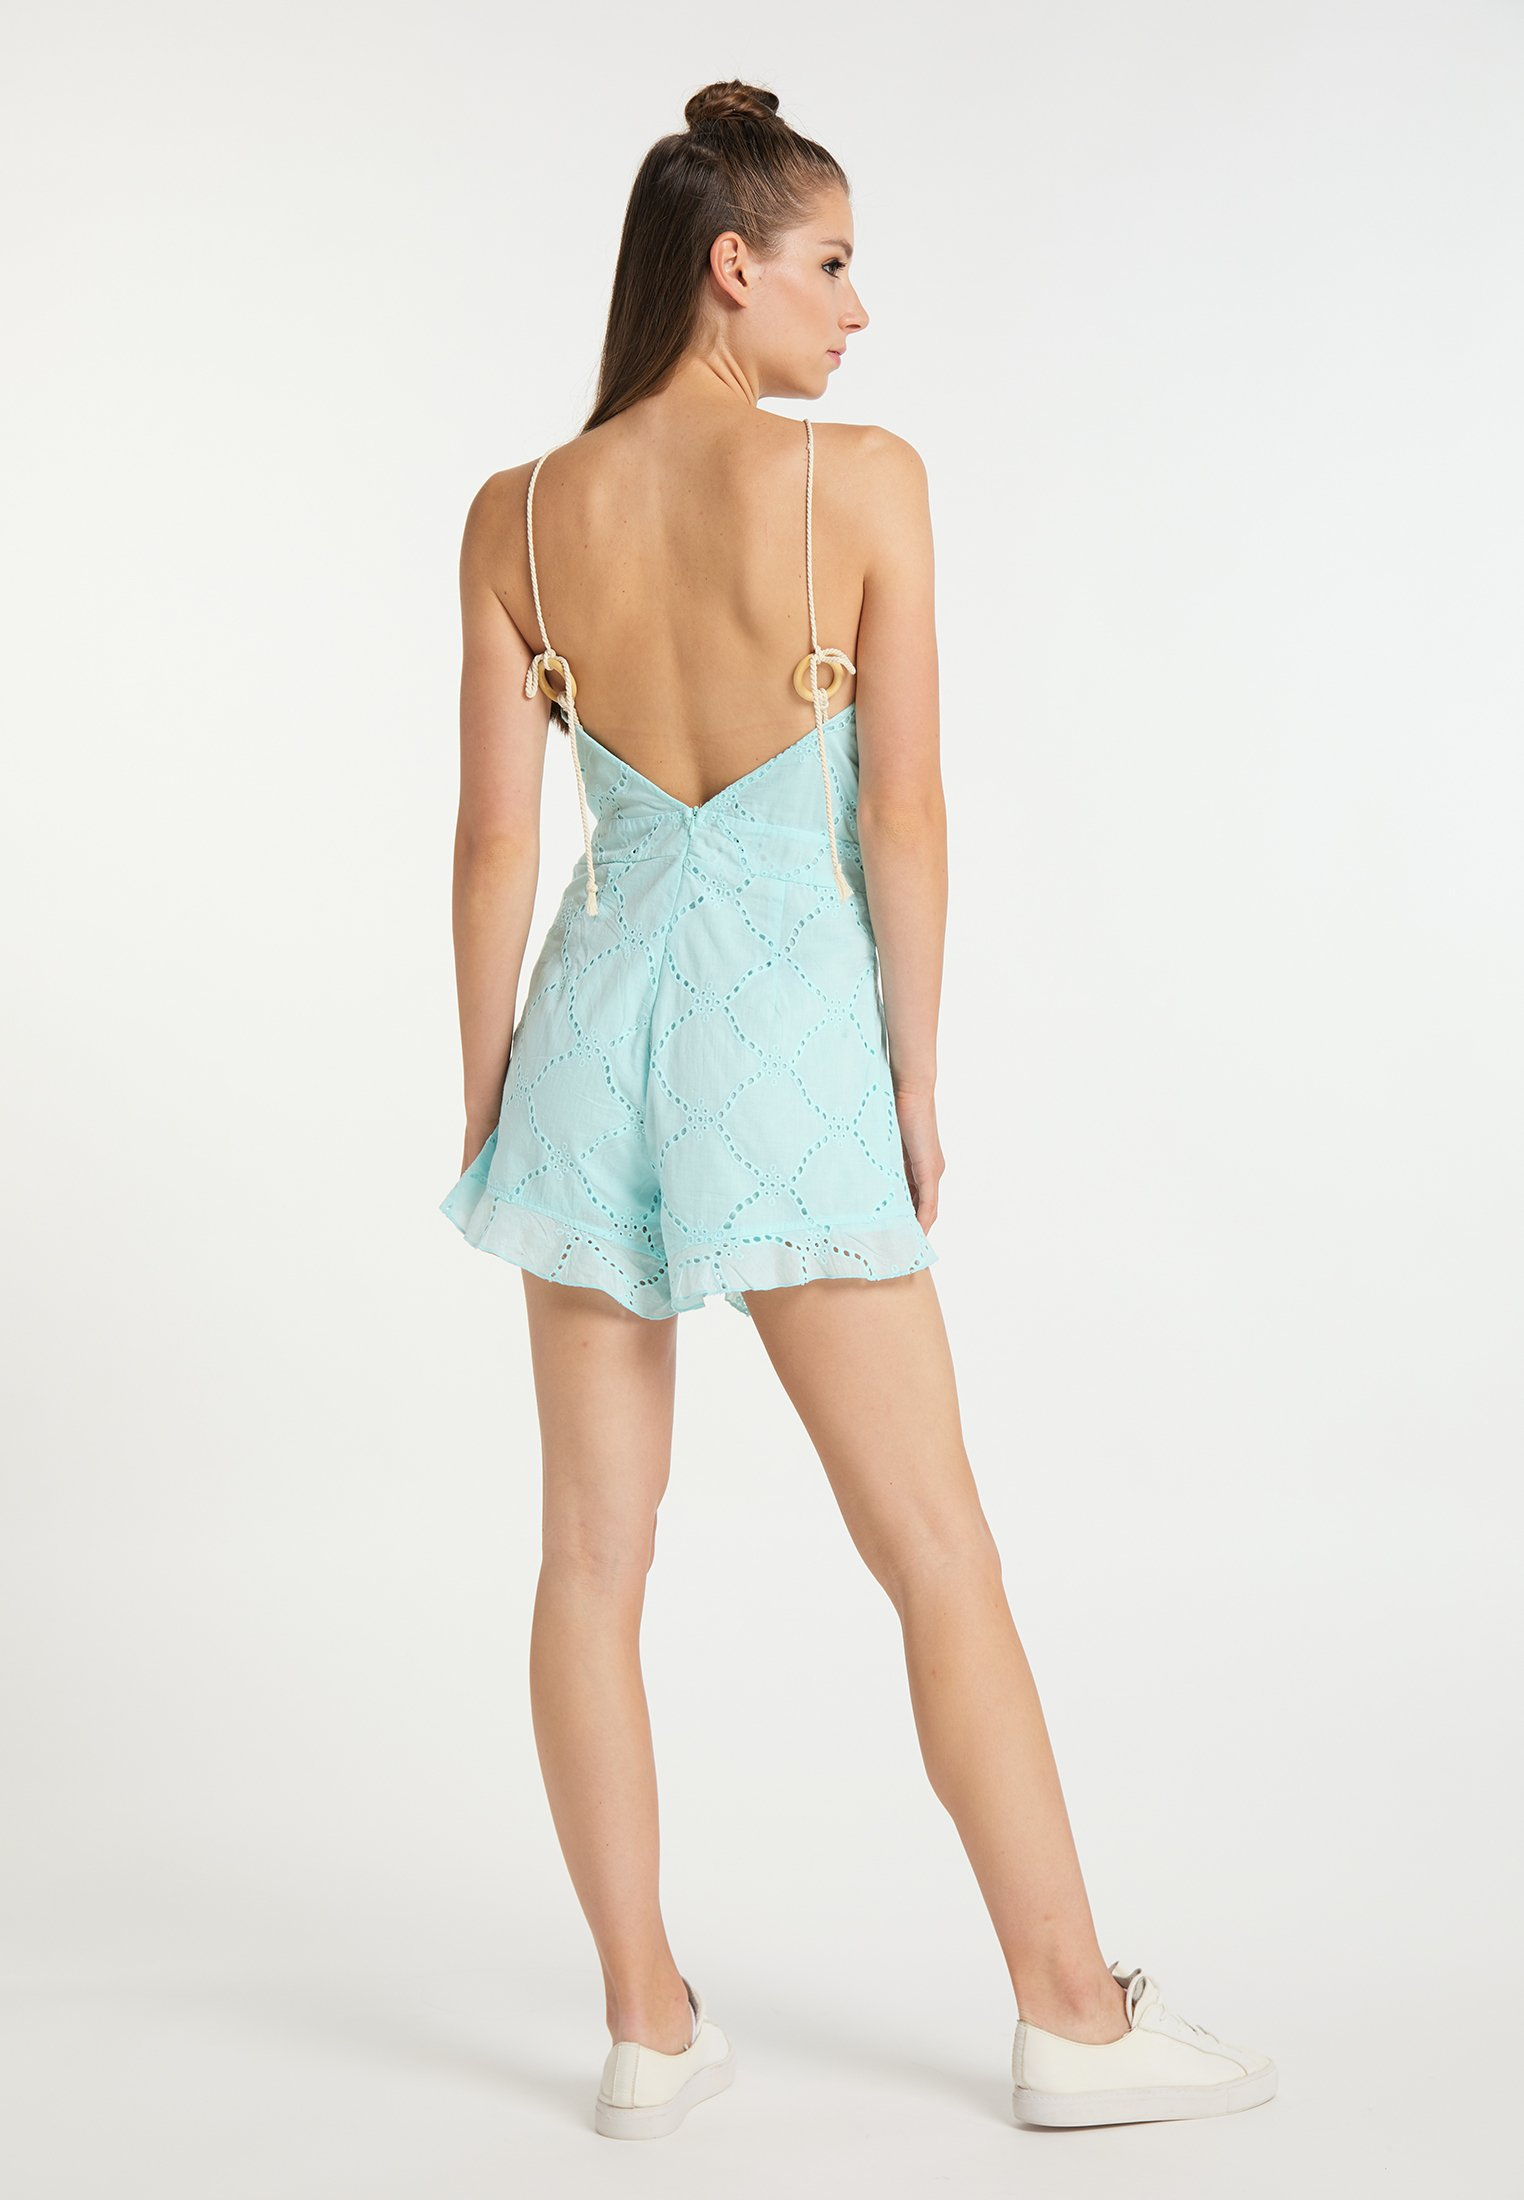 Affordable Women's Clothing myMo Jumpsuit hellblau 7RtwNQ0c2